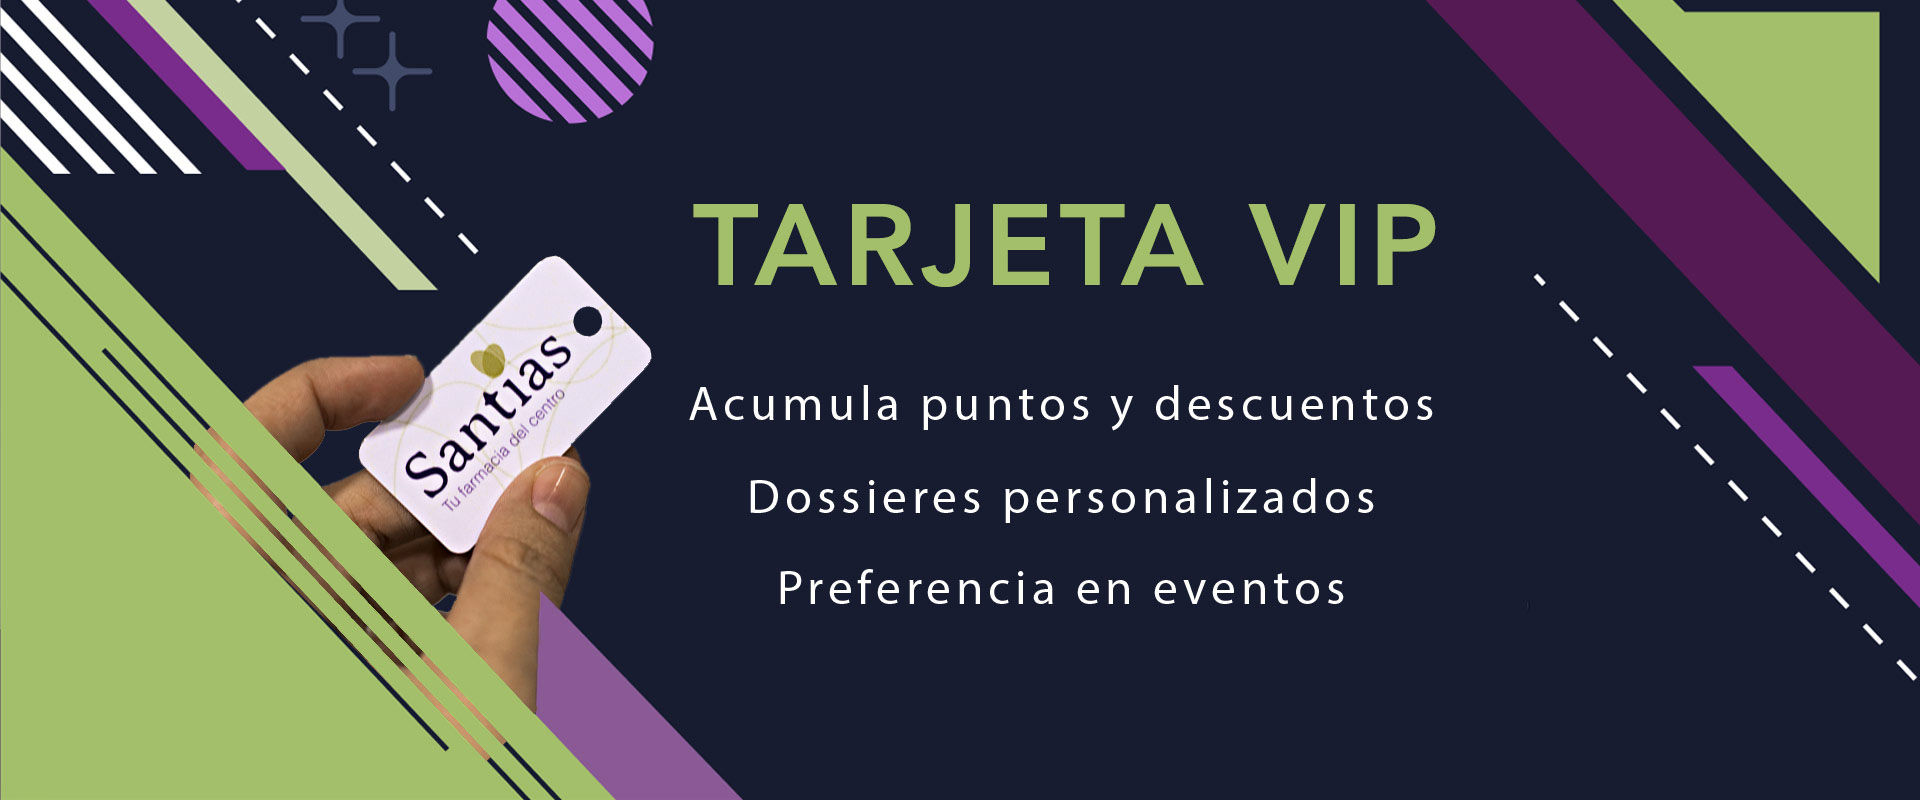 TARJETA-VIP